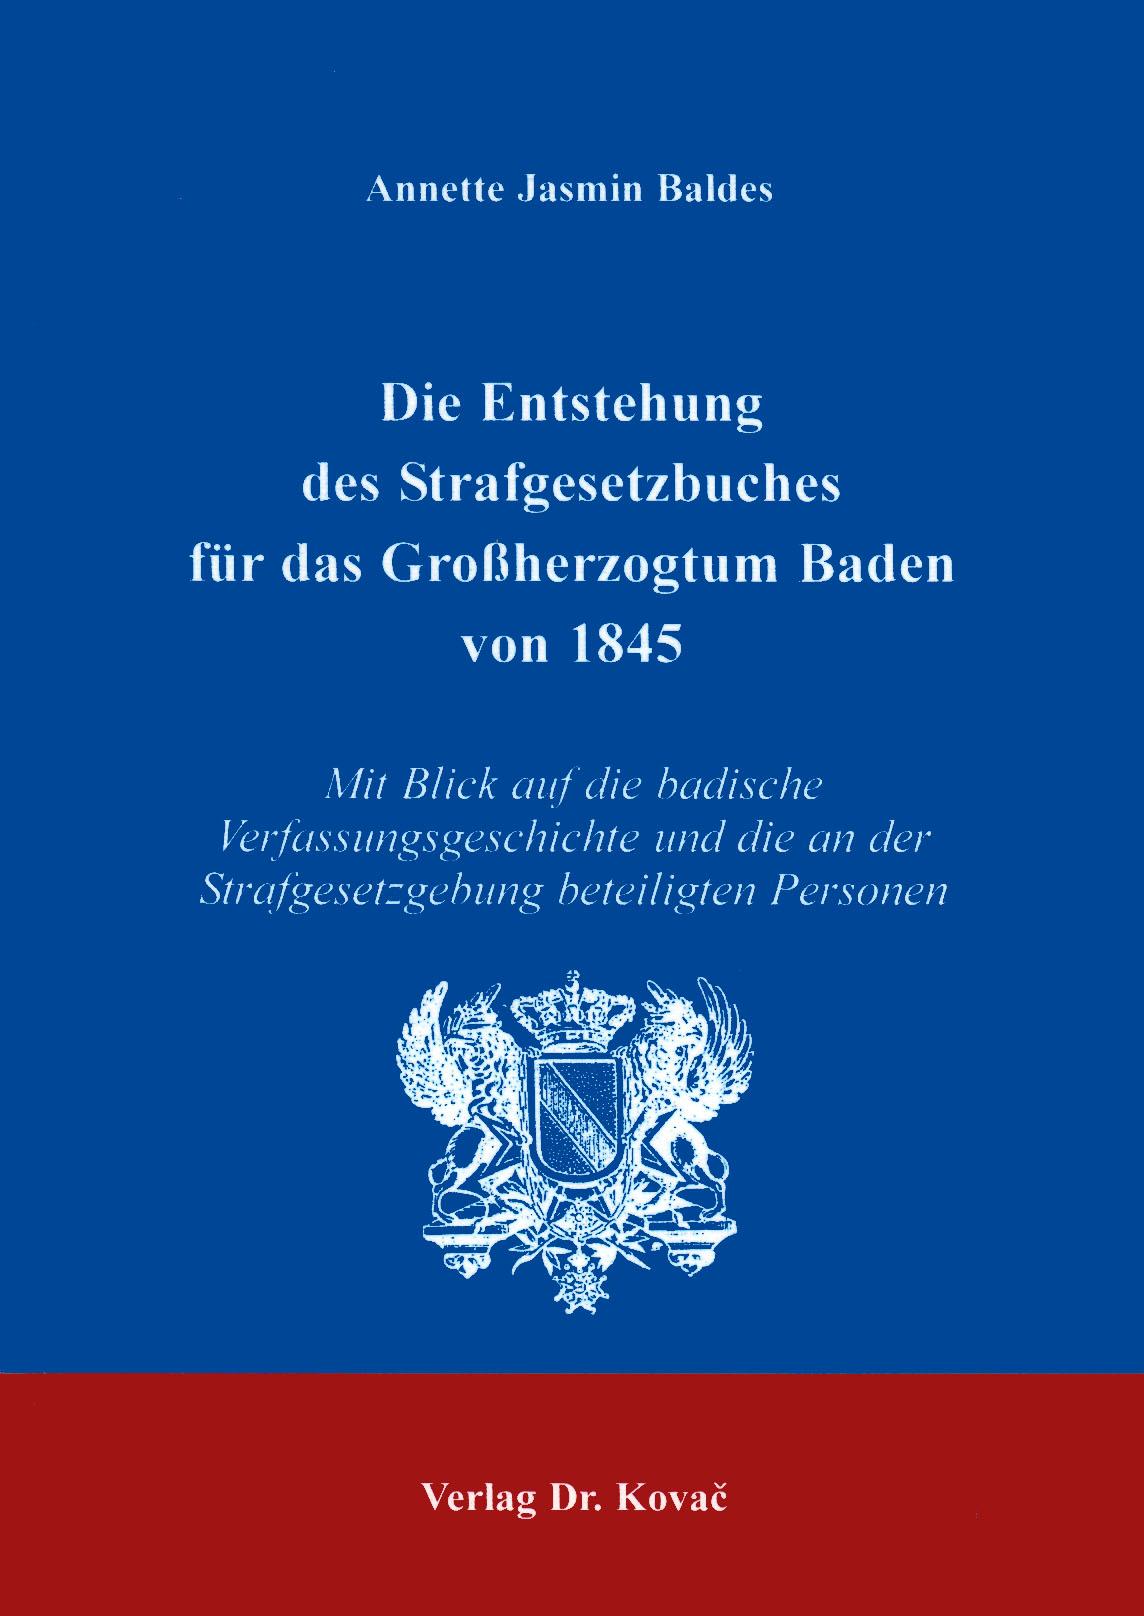 Cover: Die Entstehung des Strafgesetzbuches von 1845